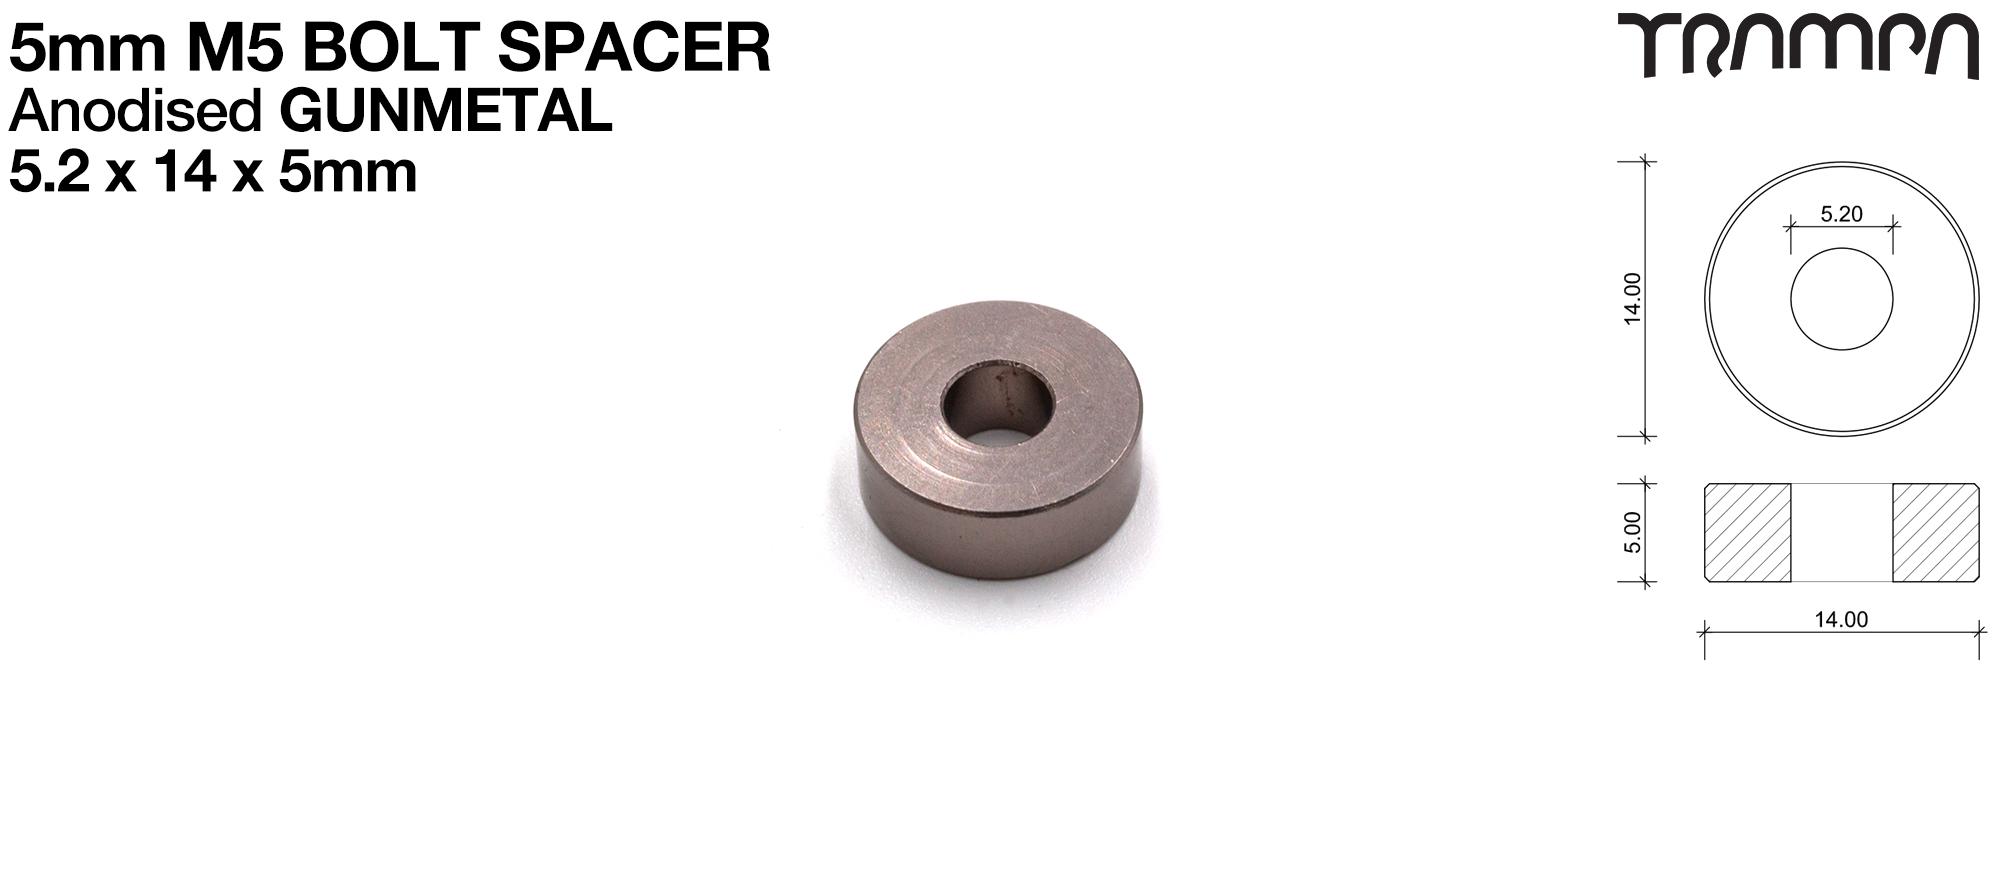 M5 5mm Spacer - GUNMETAL